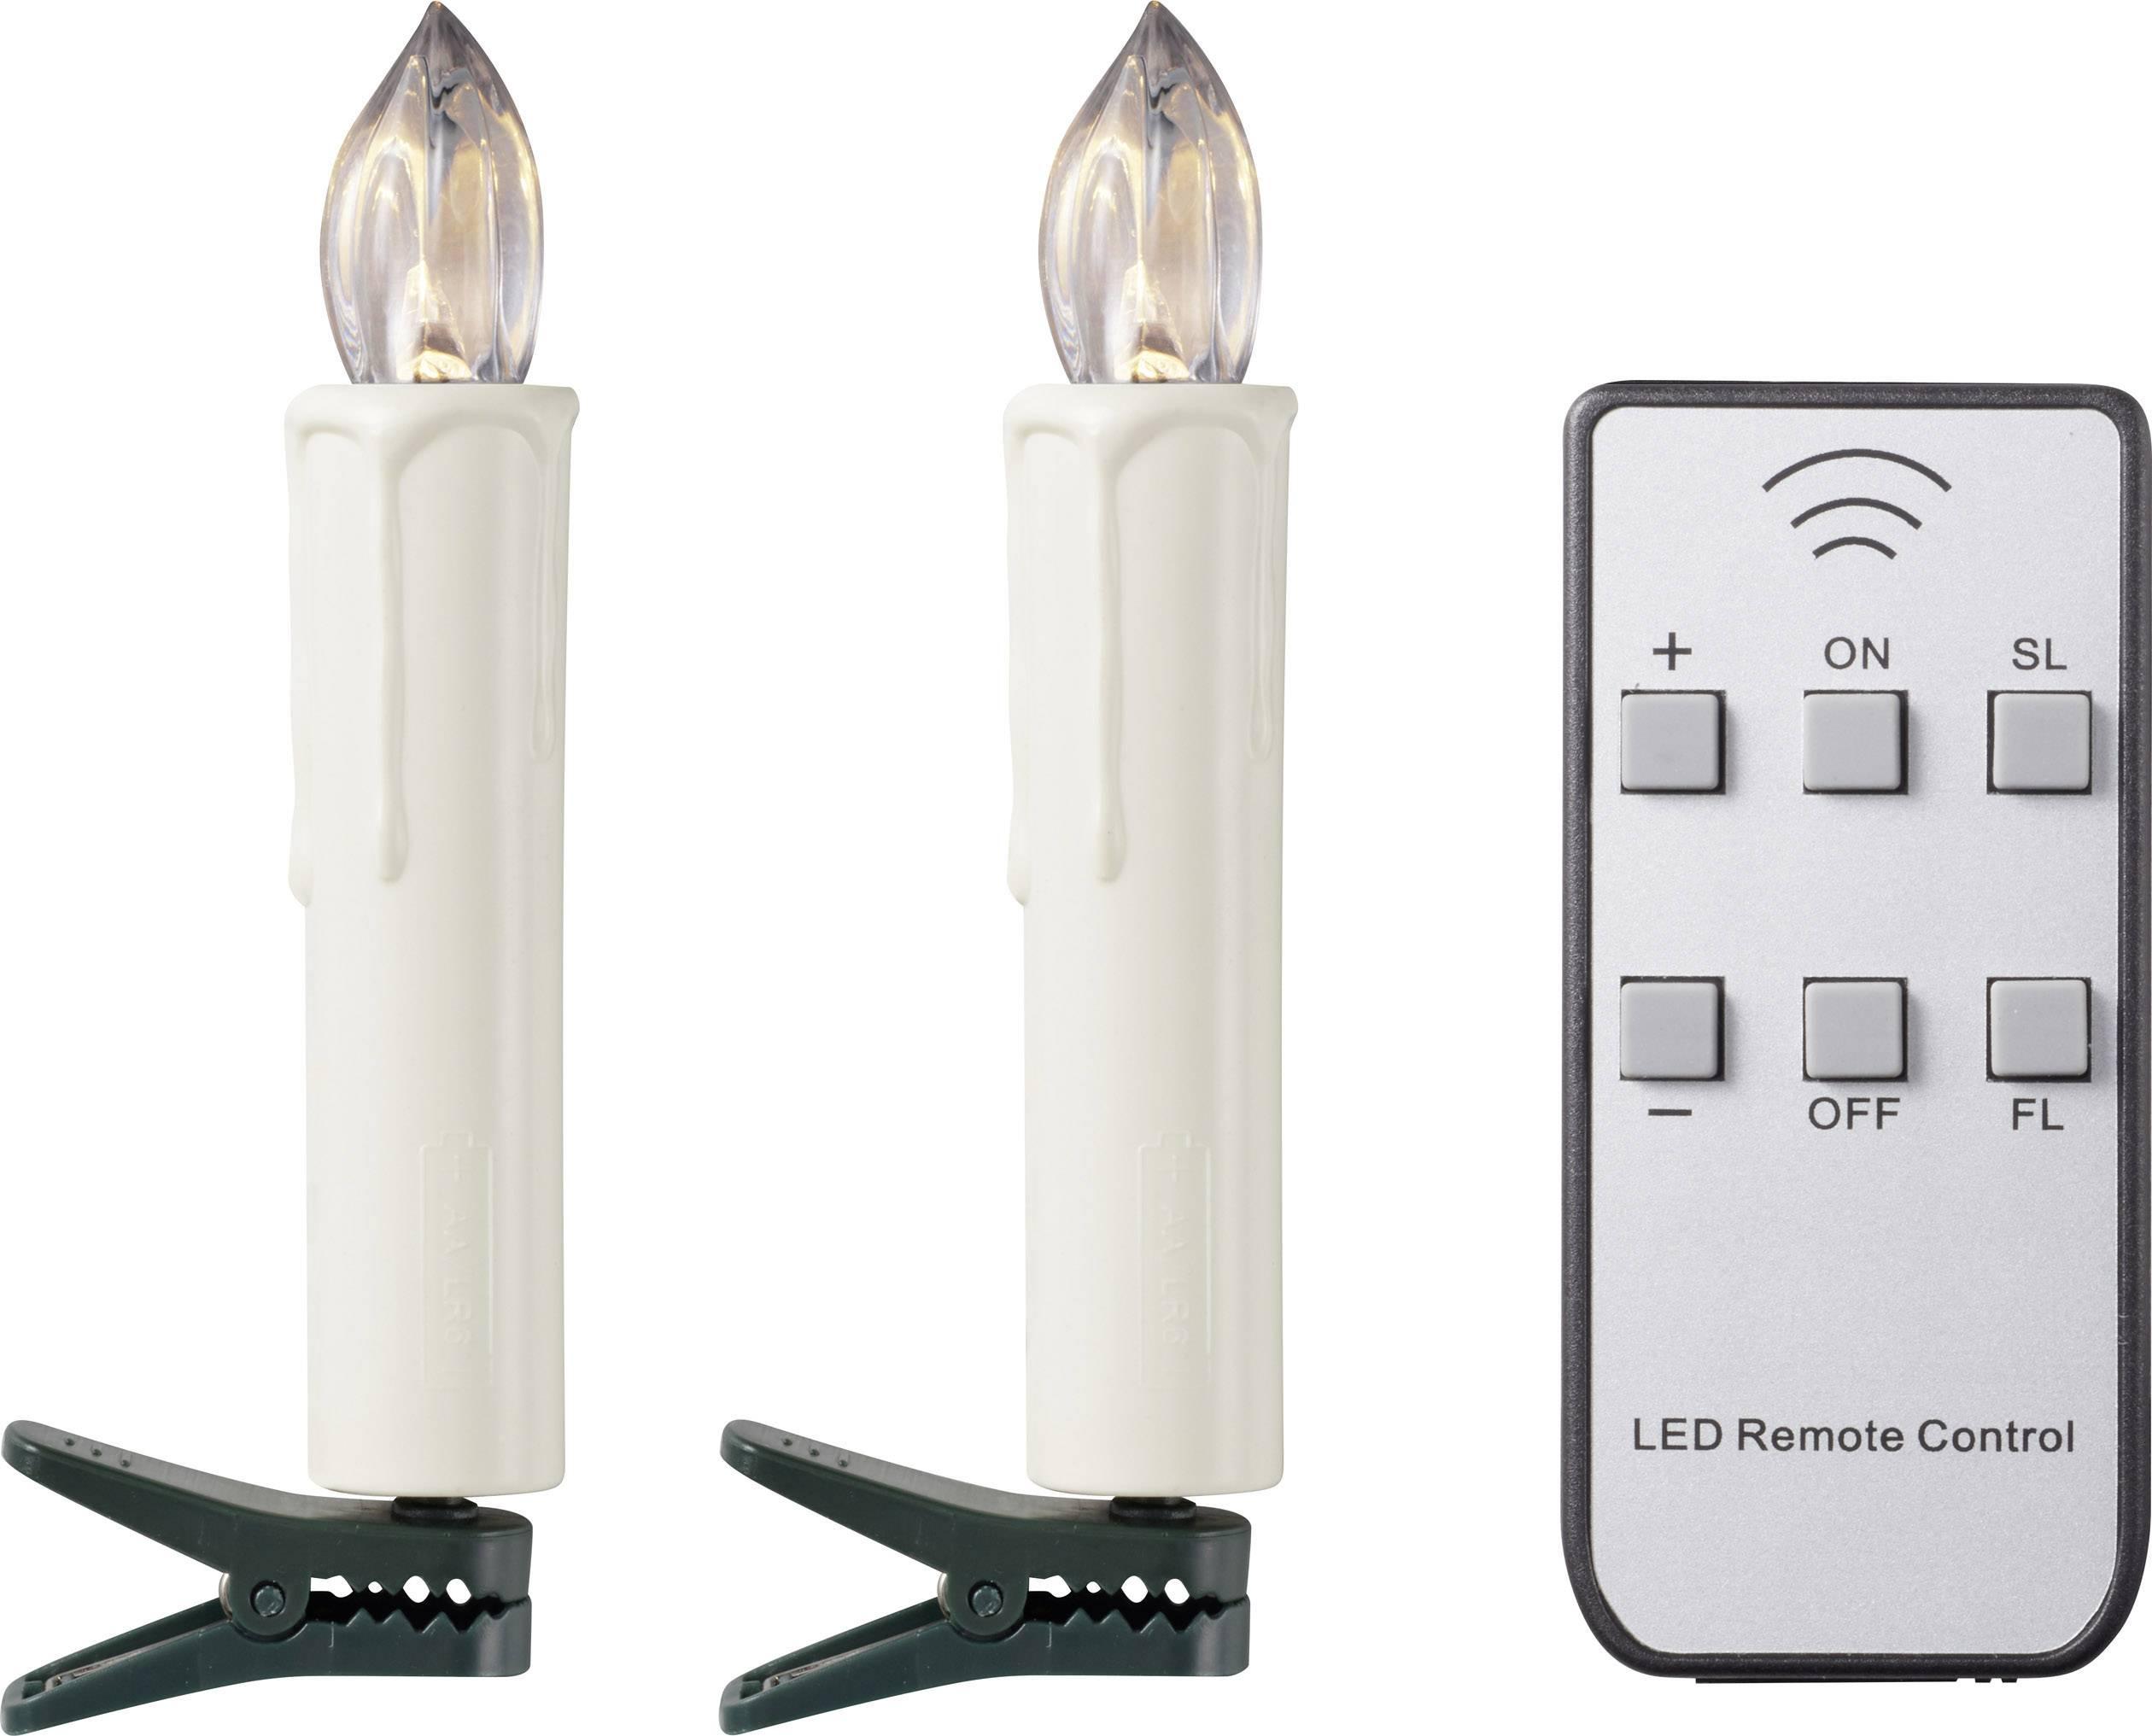 LED bezdrátové osvětlení na vánoční stromeček Polarlite PL-WK20O, venkovní PL-8392835, na baterii, teplá bílá, sada 20 ks